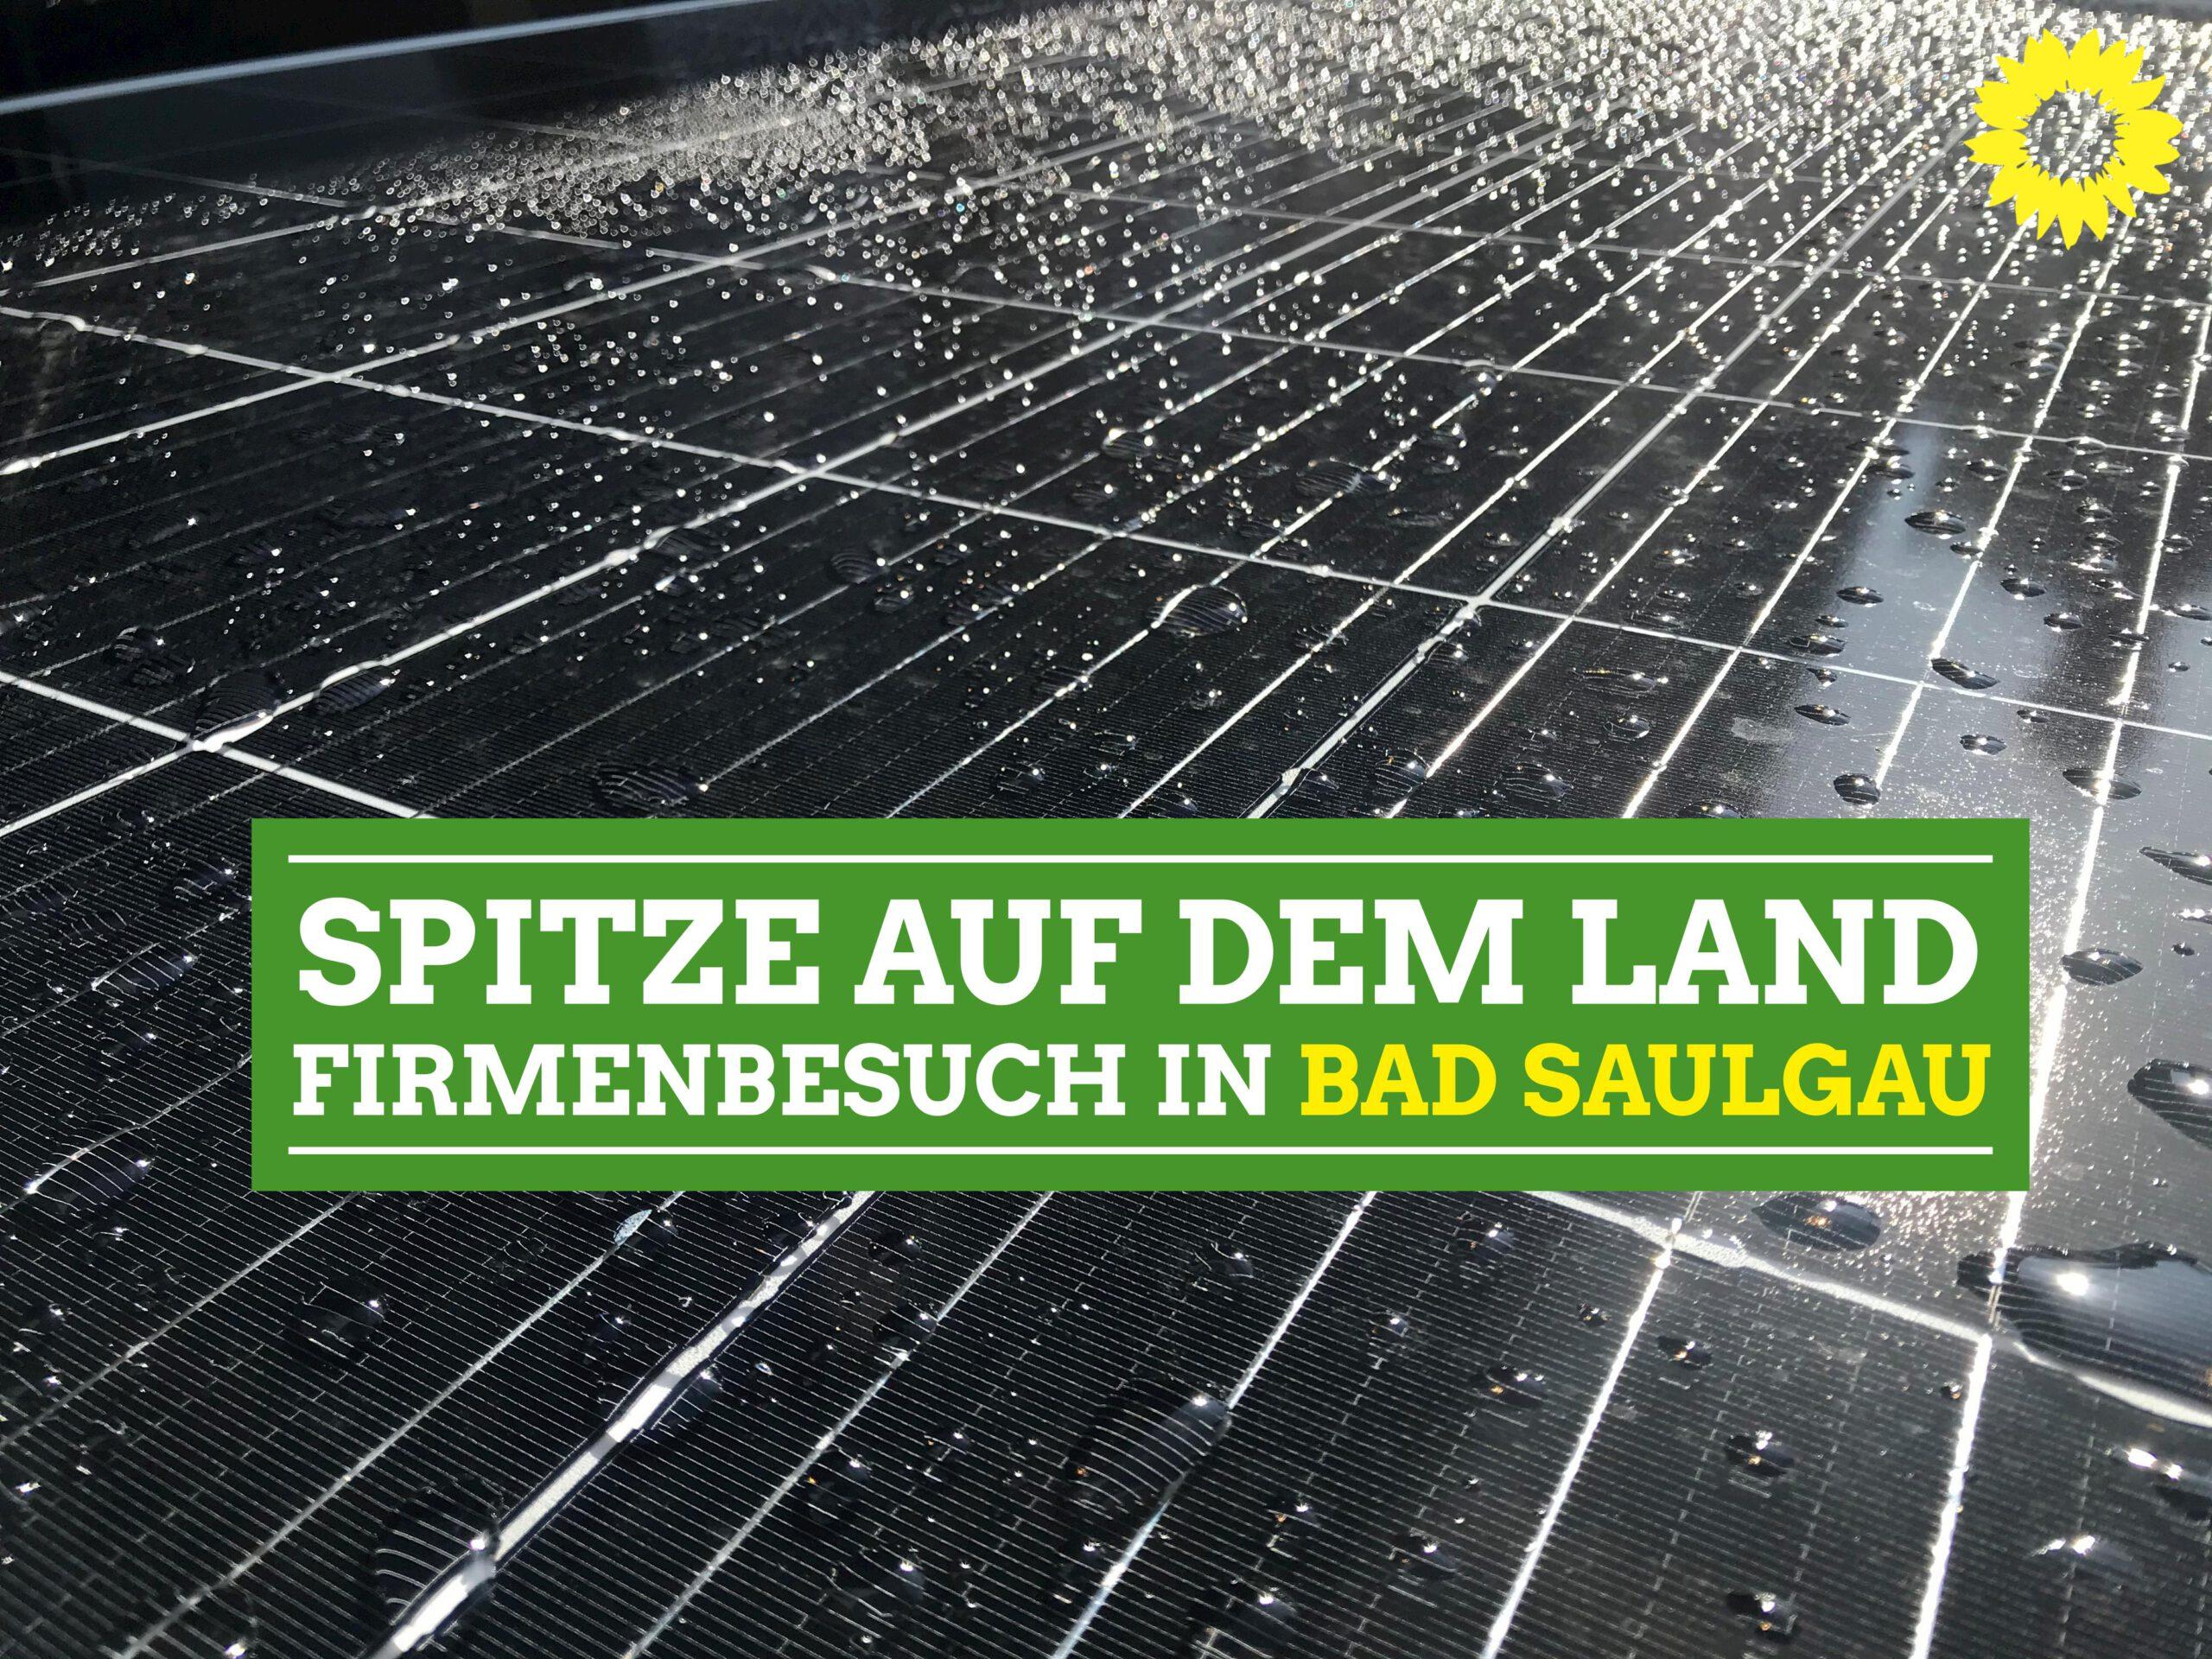 Landtagsabgeordnete Andrea Bogner-Unden besucht Firma in Bad Saulgau